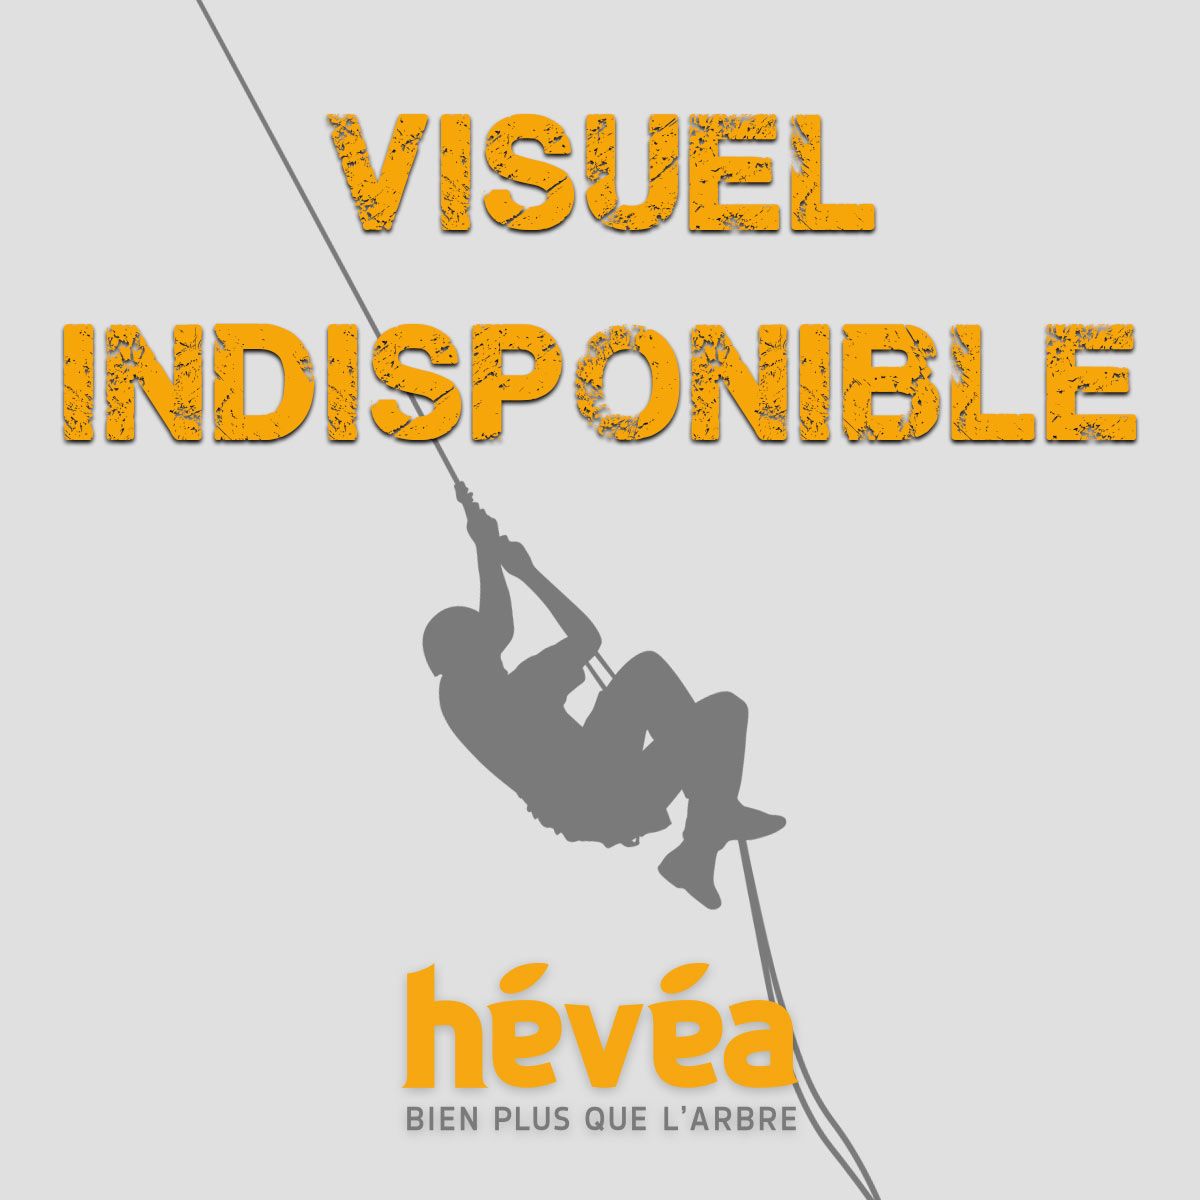 Insecticide liquide 1015VG 20 L Dipter|Base végétale, frelons asiatiques et insectes volants